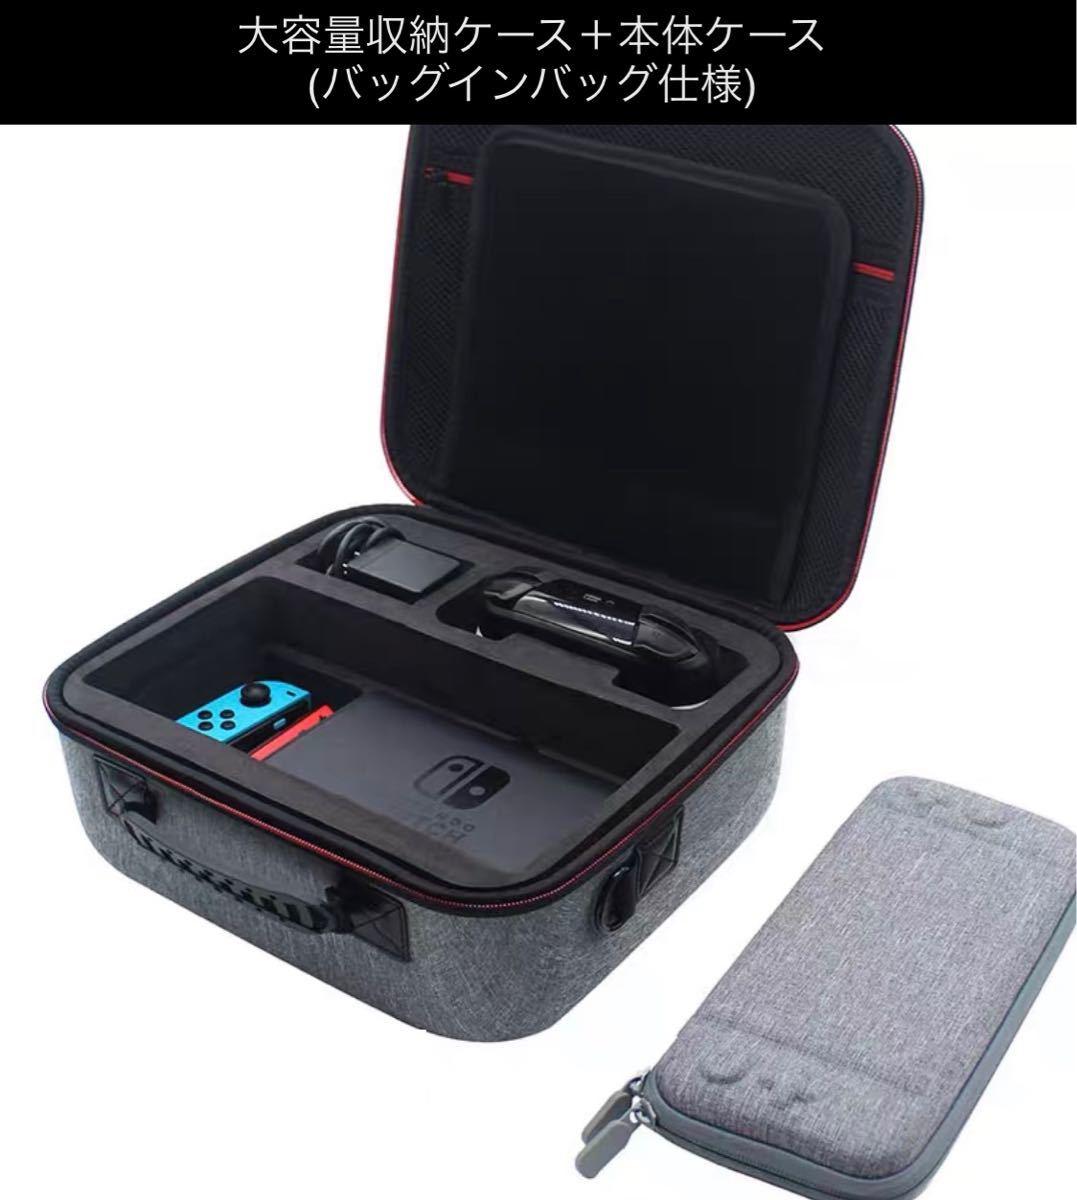 【新商品】Switch スイッチ ケース 収納バッグ オールインワン 大容量